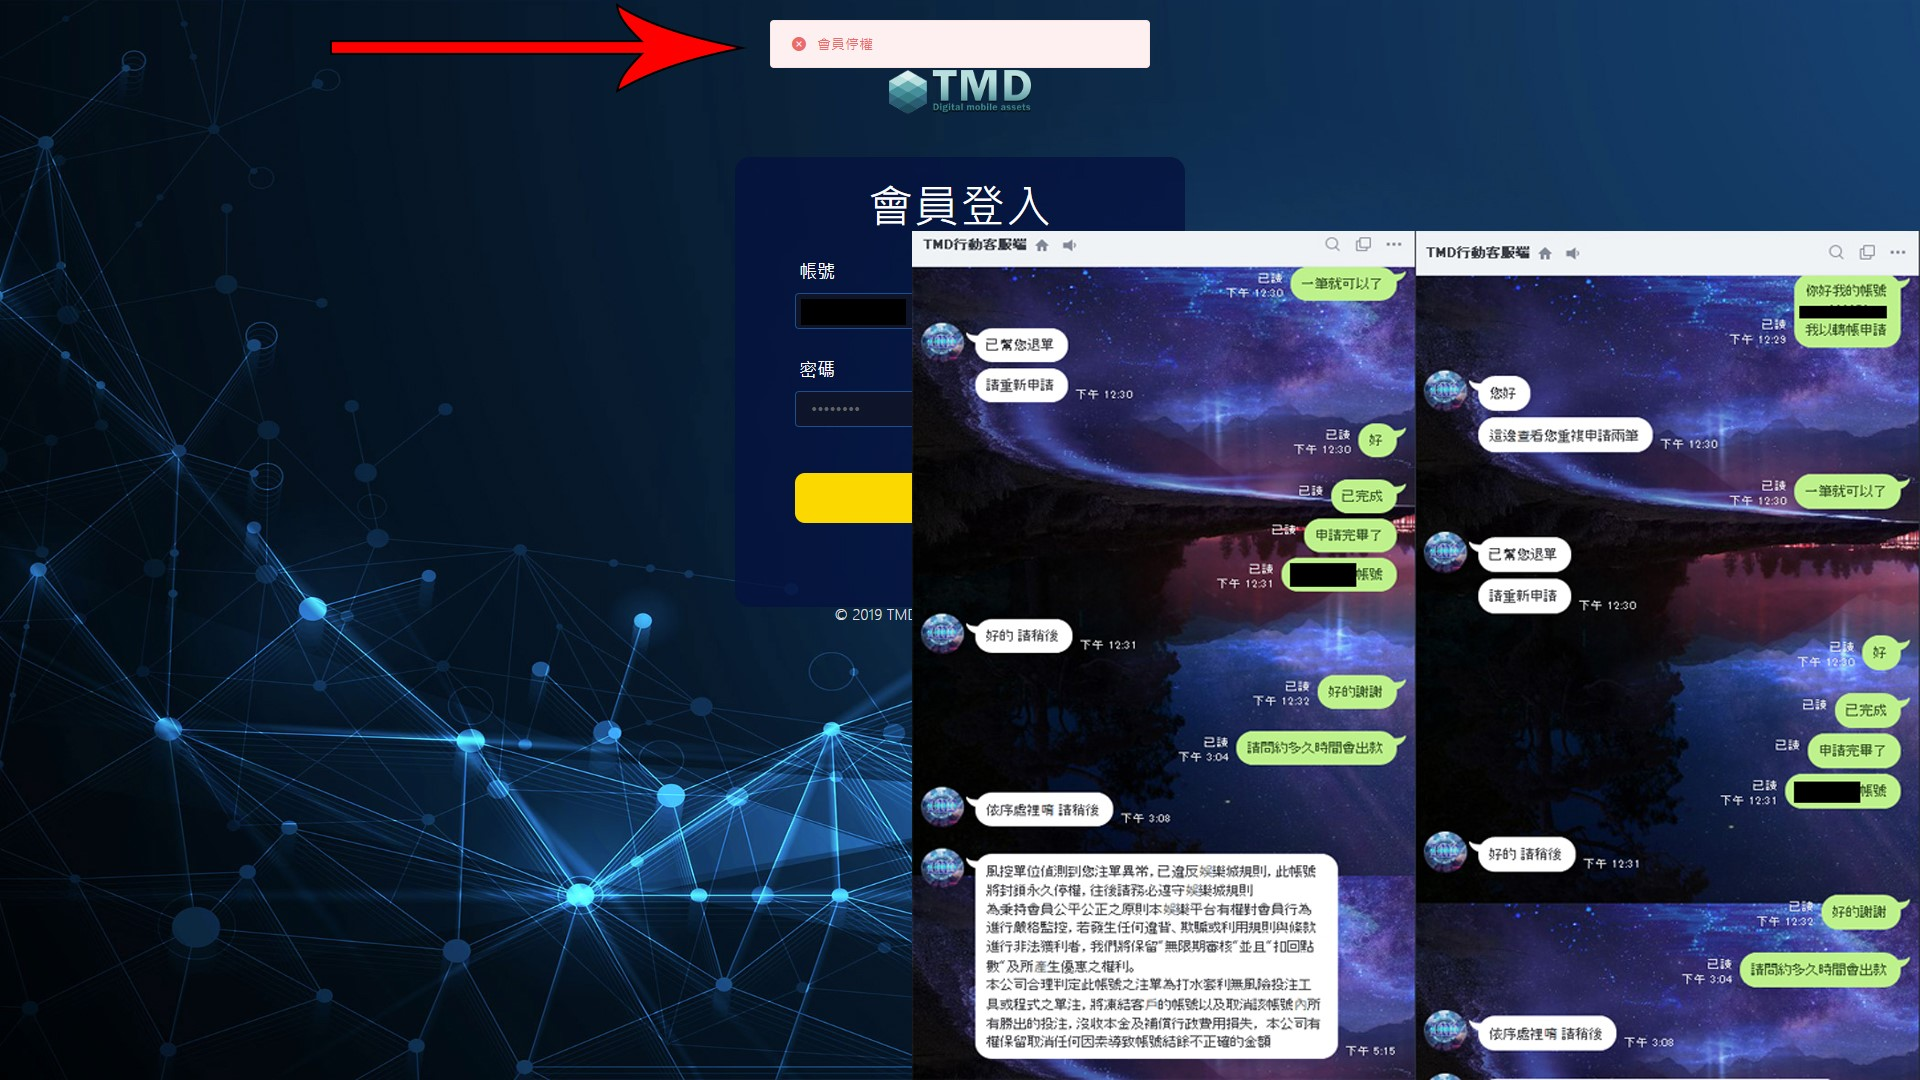 TMD數位移動資產